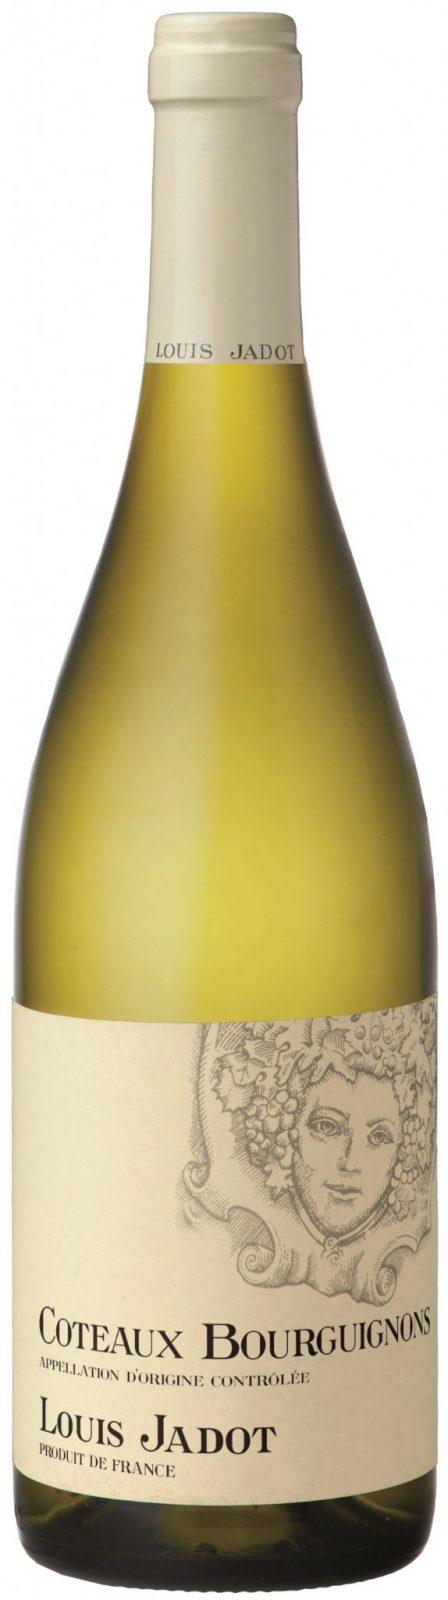 Louis Jadot Coteaux Bourguignons blanc - wineaffair